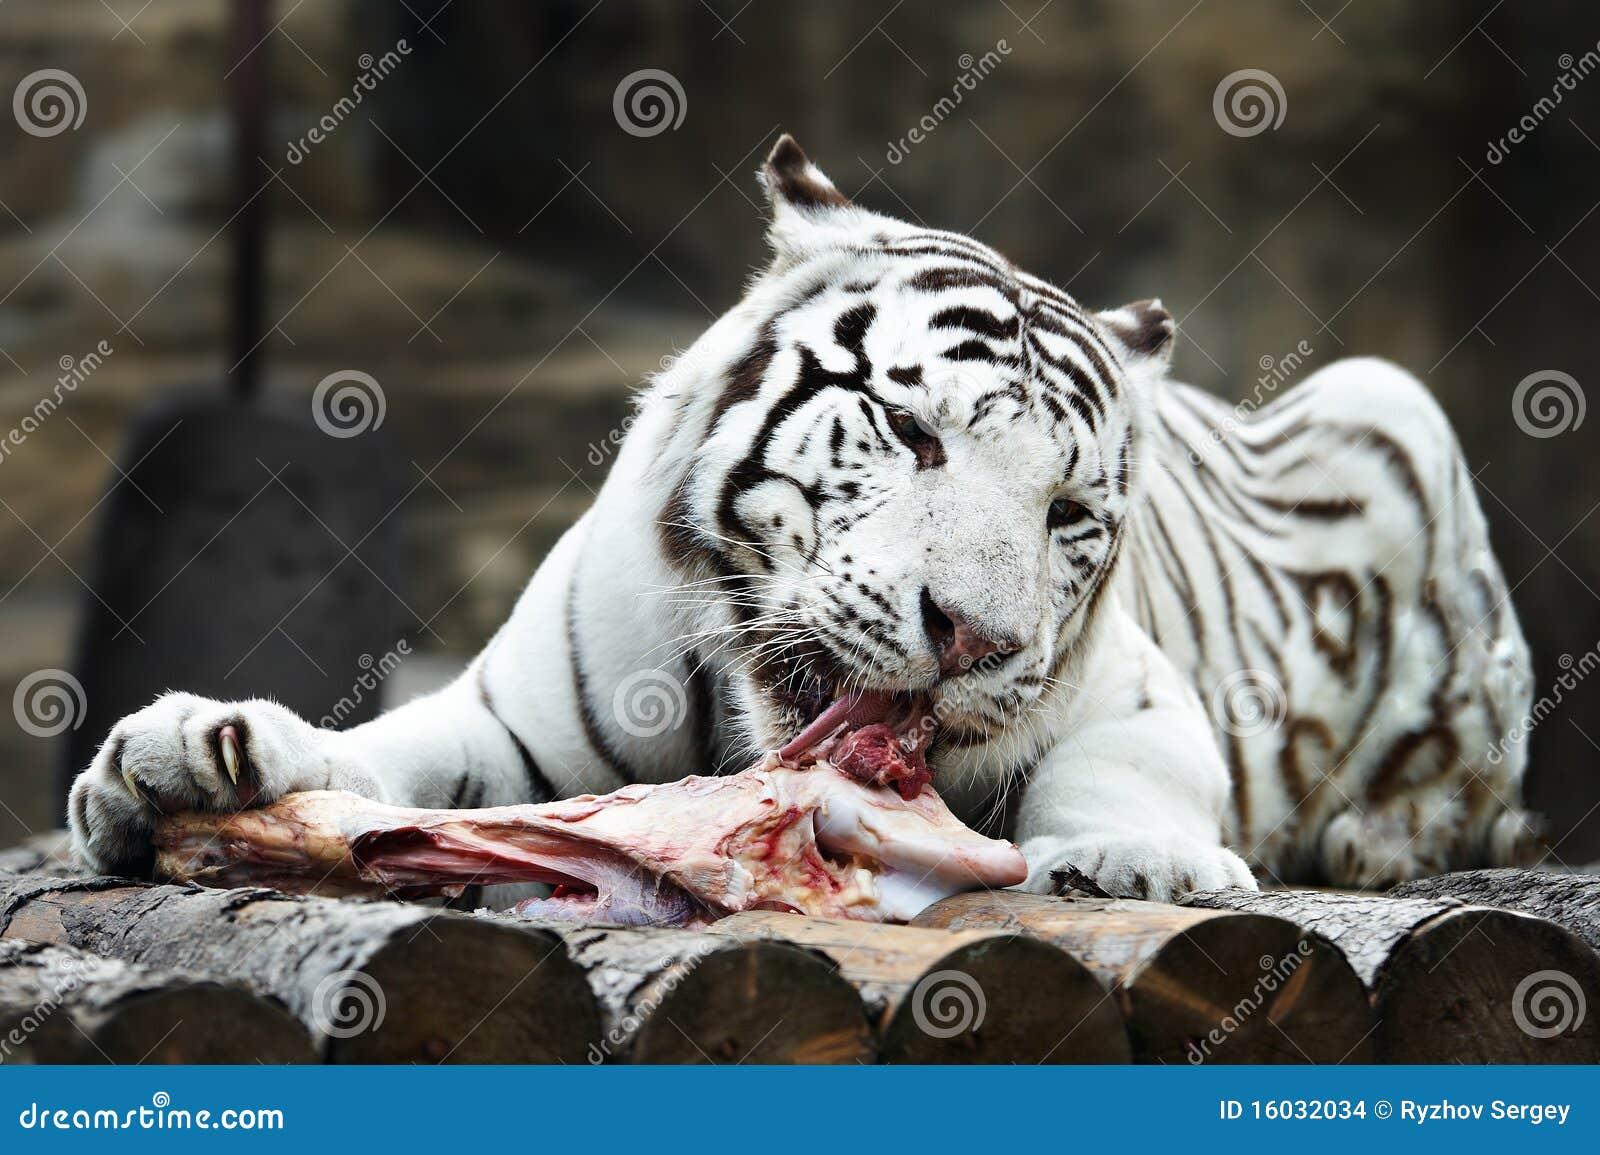 Tigre blanc avec une partie de viande photo stock image - Images tigres gratuites ...